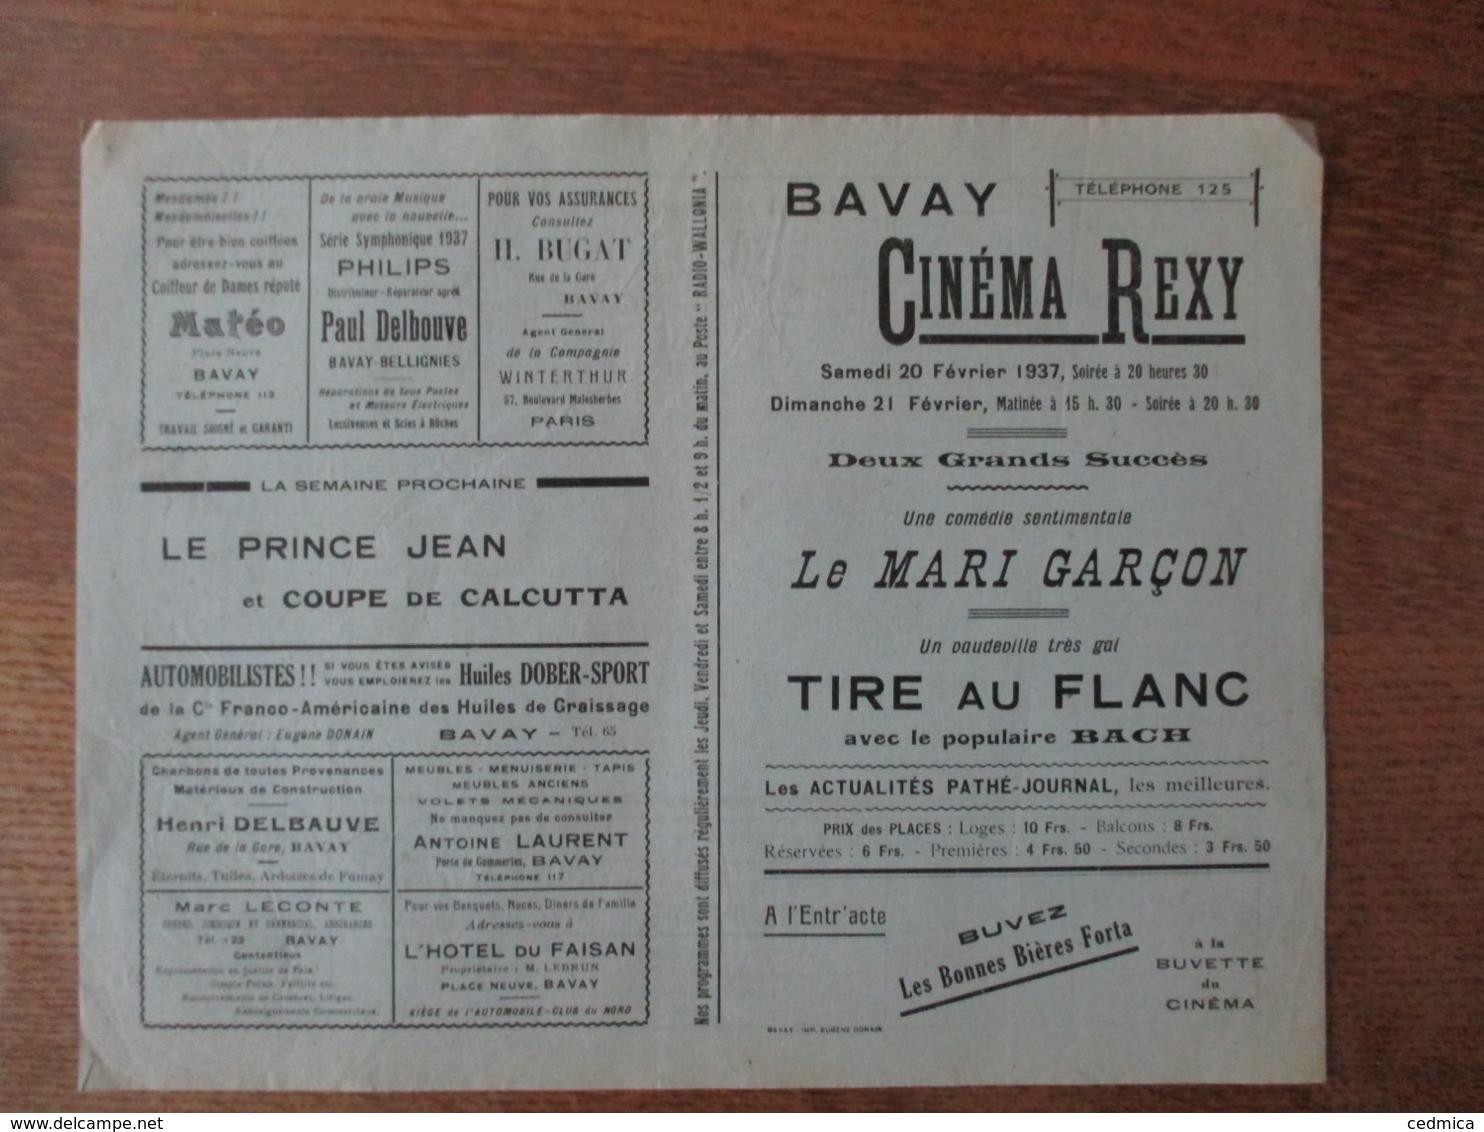 BAVAY CINEMA REXY 20 ET 21 FEVRIER 1937 LE MARI GARCON ET TIRE AU FLANC AVEC LE POPULAIRE BACH - Programme